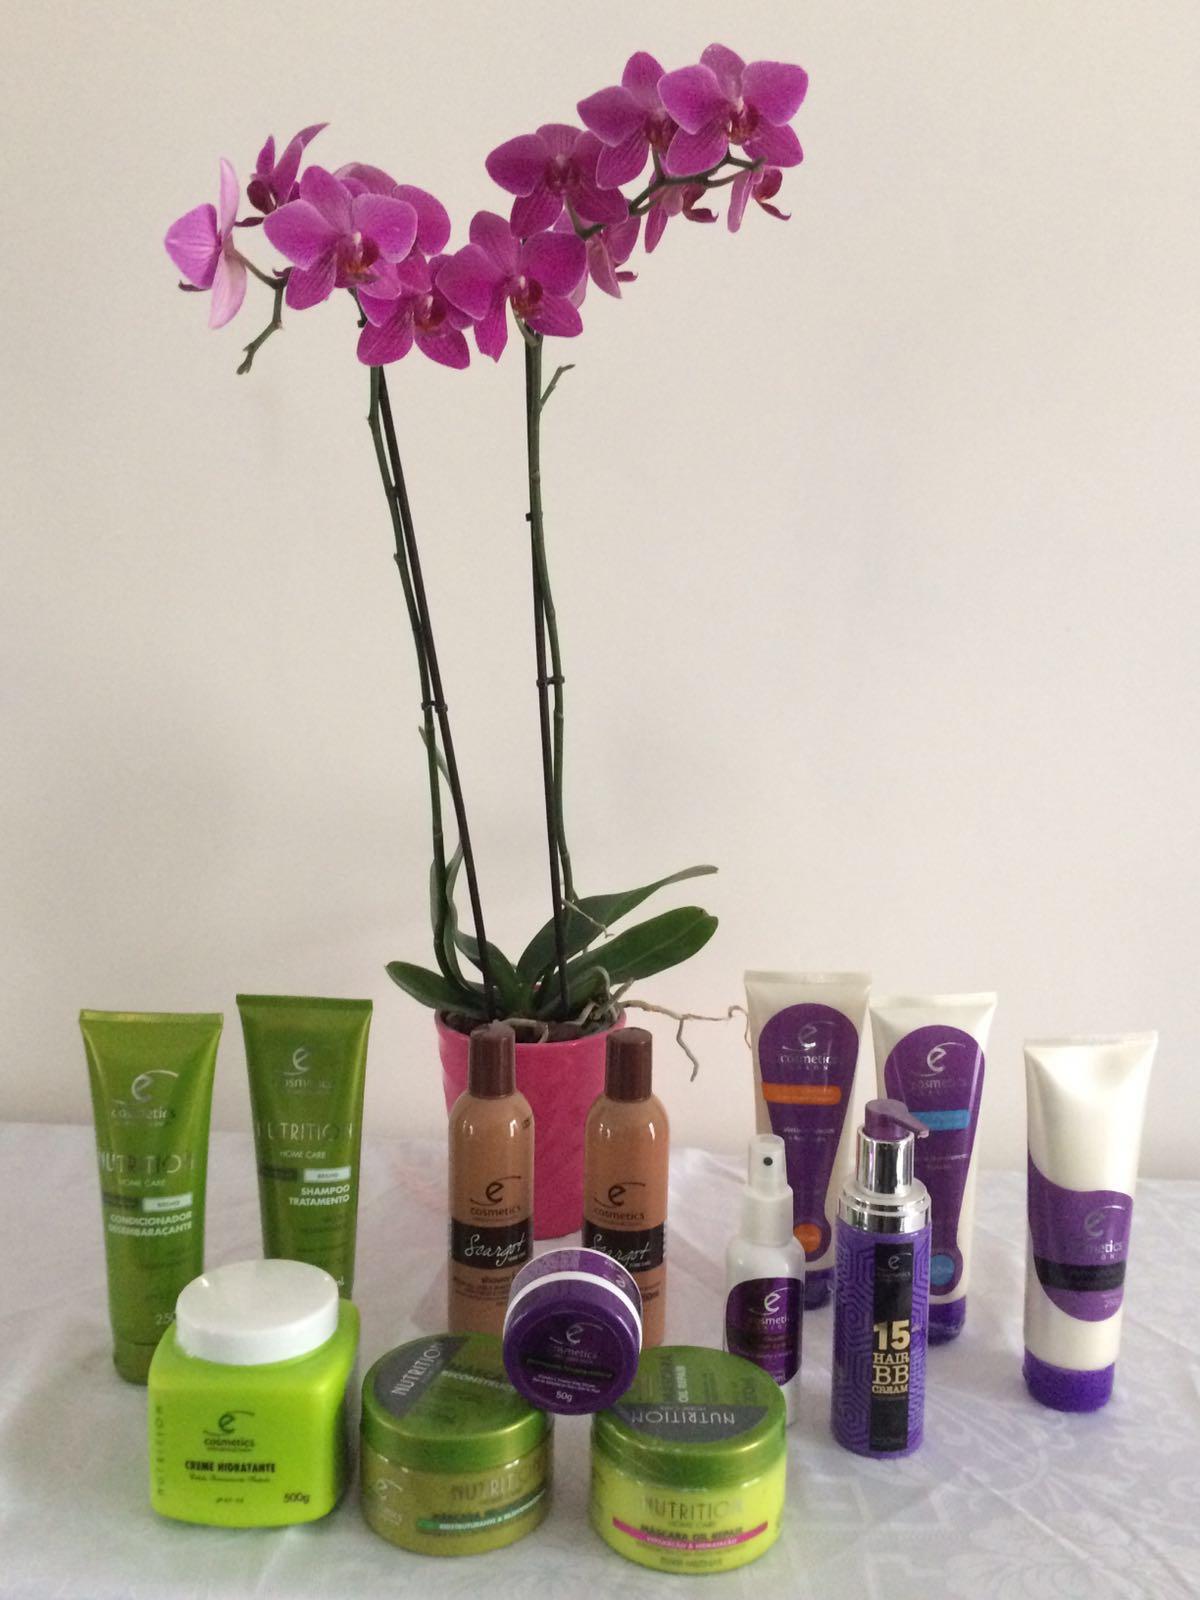 Gamme Shampoing - Après shampoing - Crème de soins sans rinçage